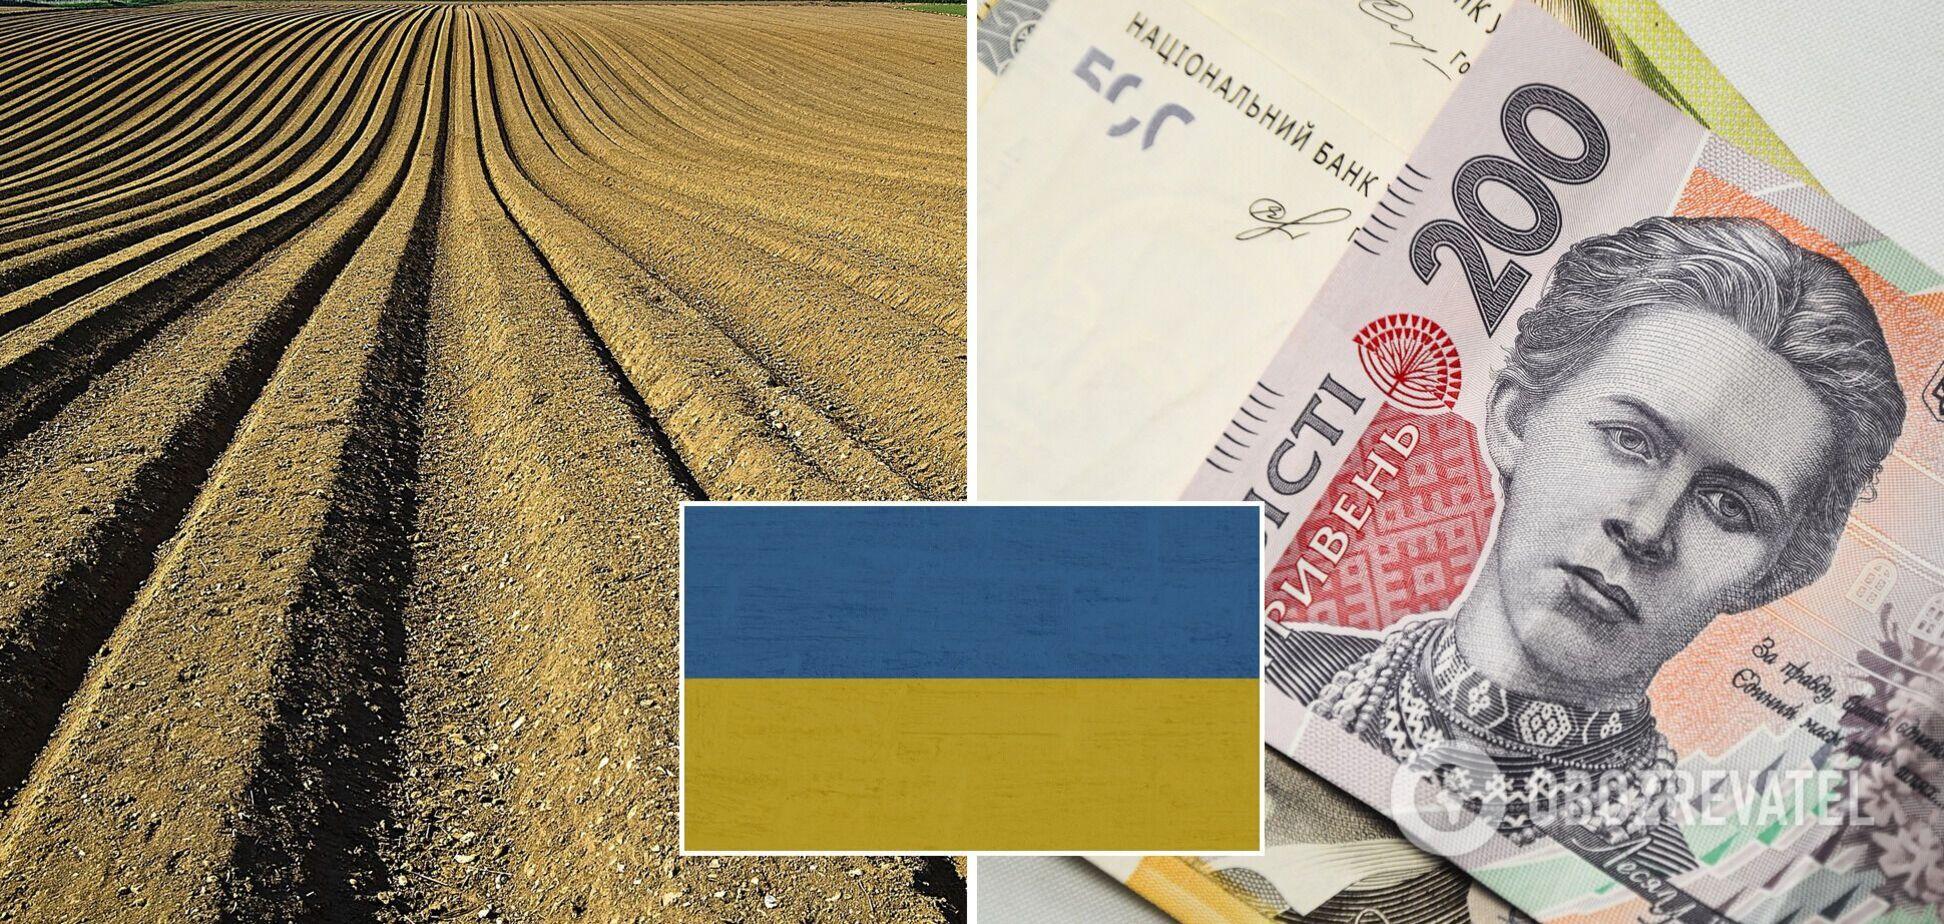 Гектар сельхозземли в Украине стоит 26,8 тыс. грн, – УКАБ